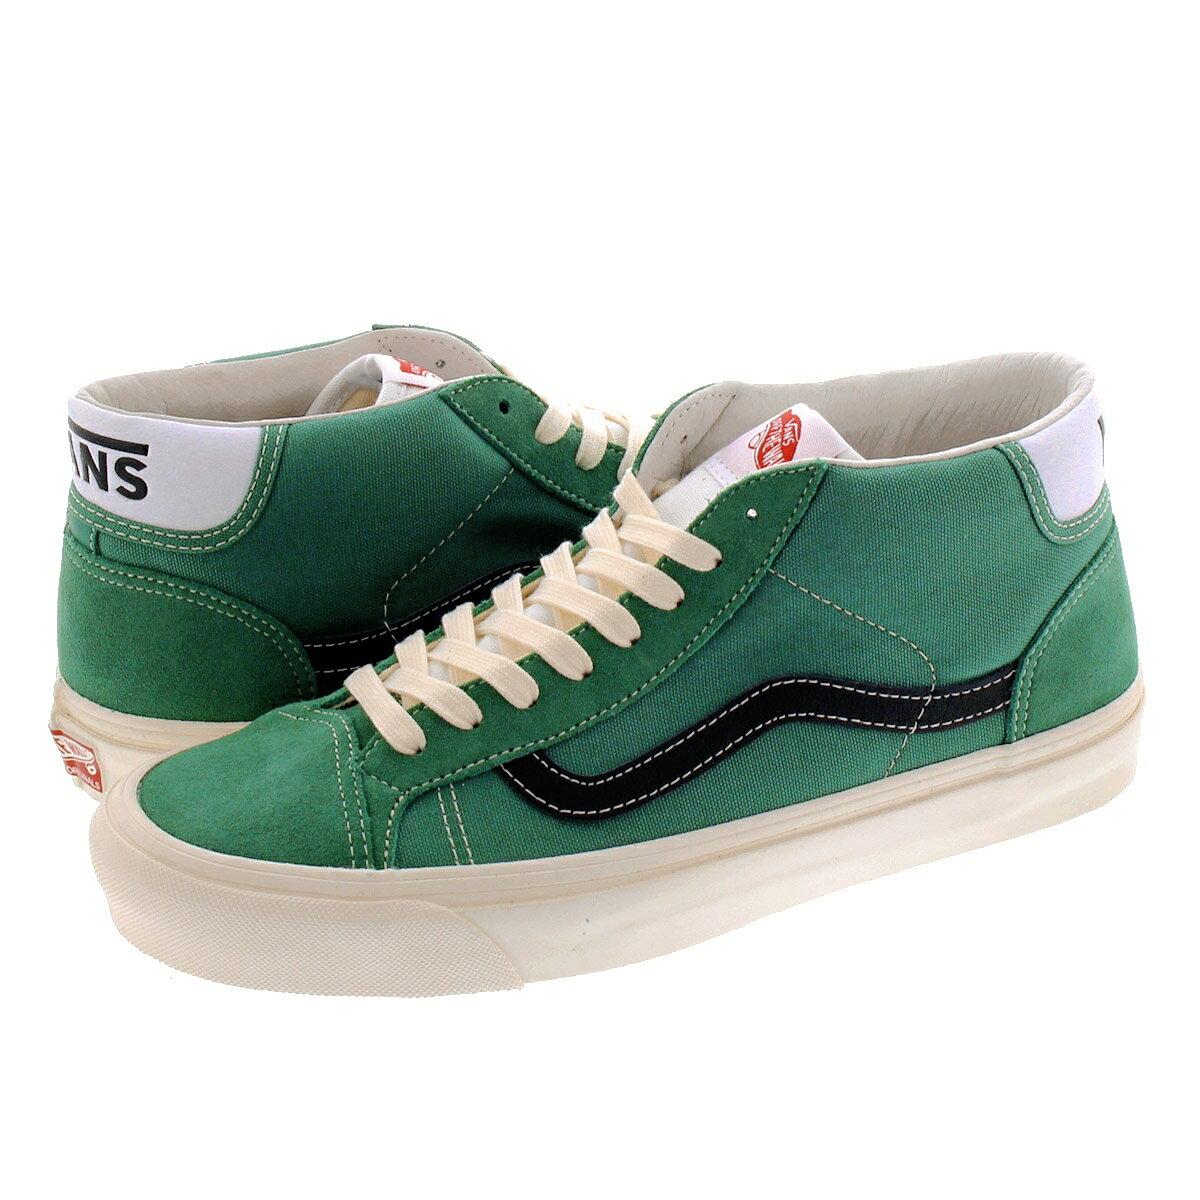 メンズ靴, スニーカー VANS VAULT OG MID SKOOL 37 LX OG 37 LX FIR vn-0a4btrvyx